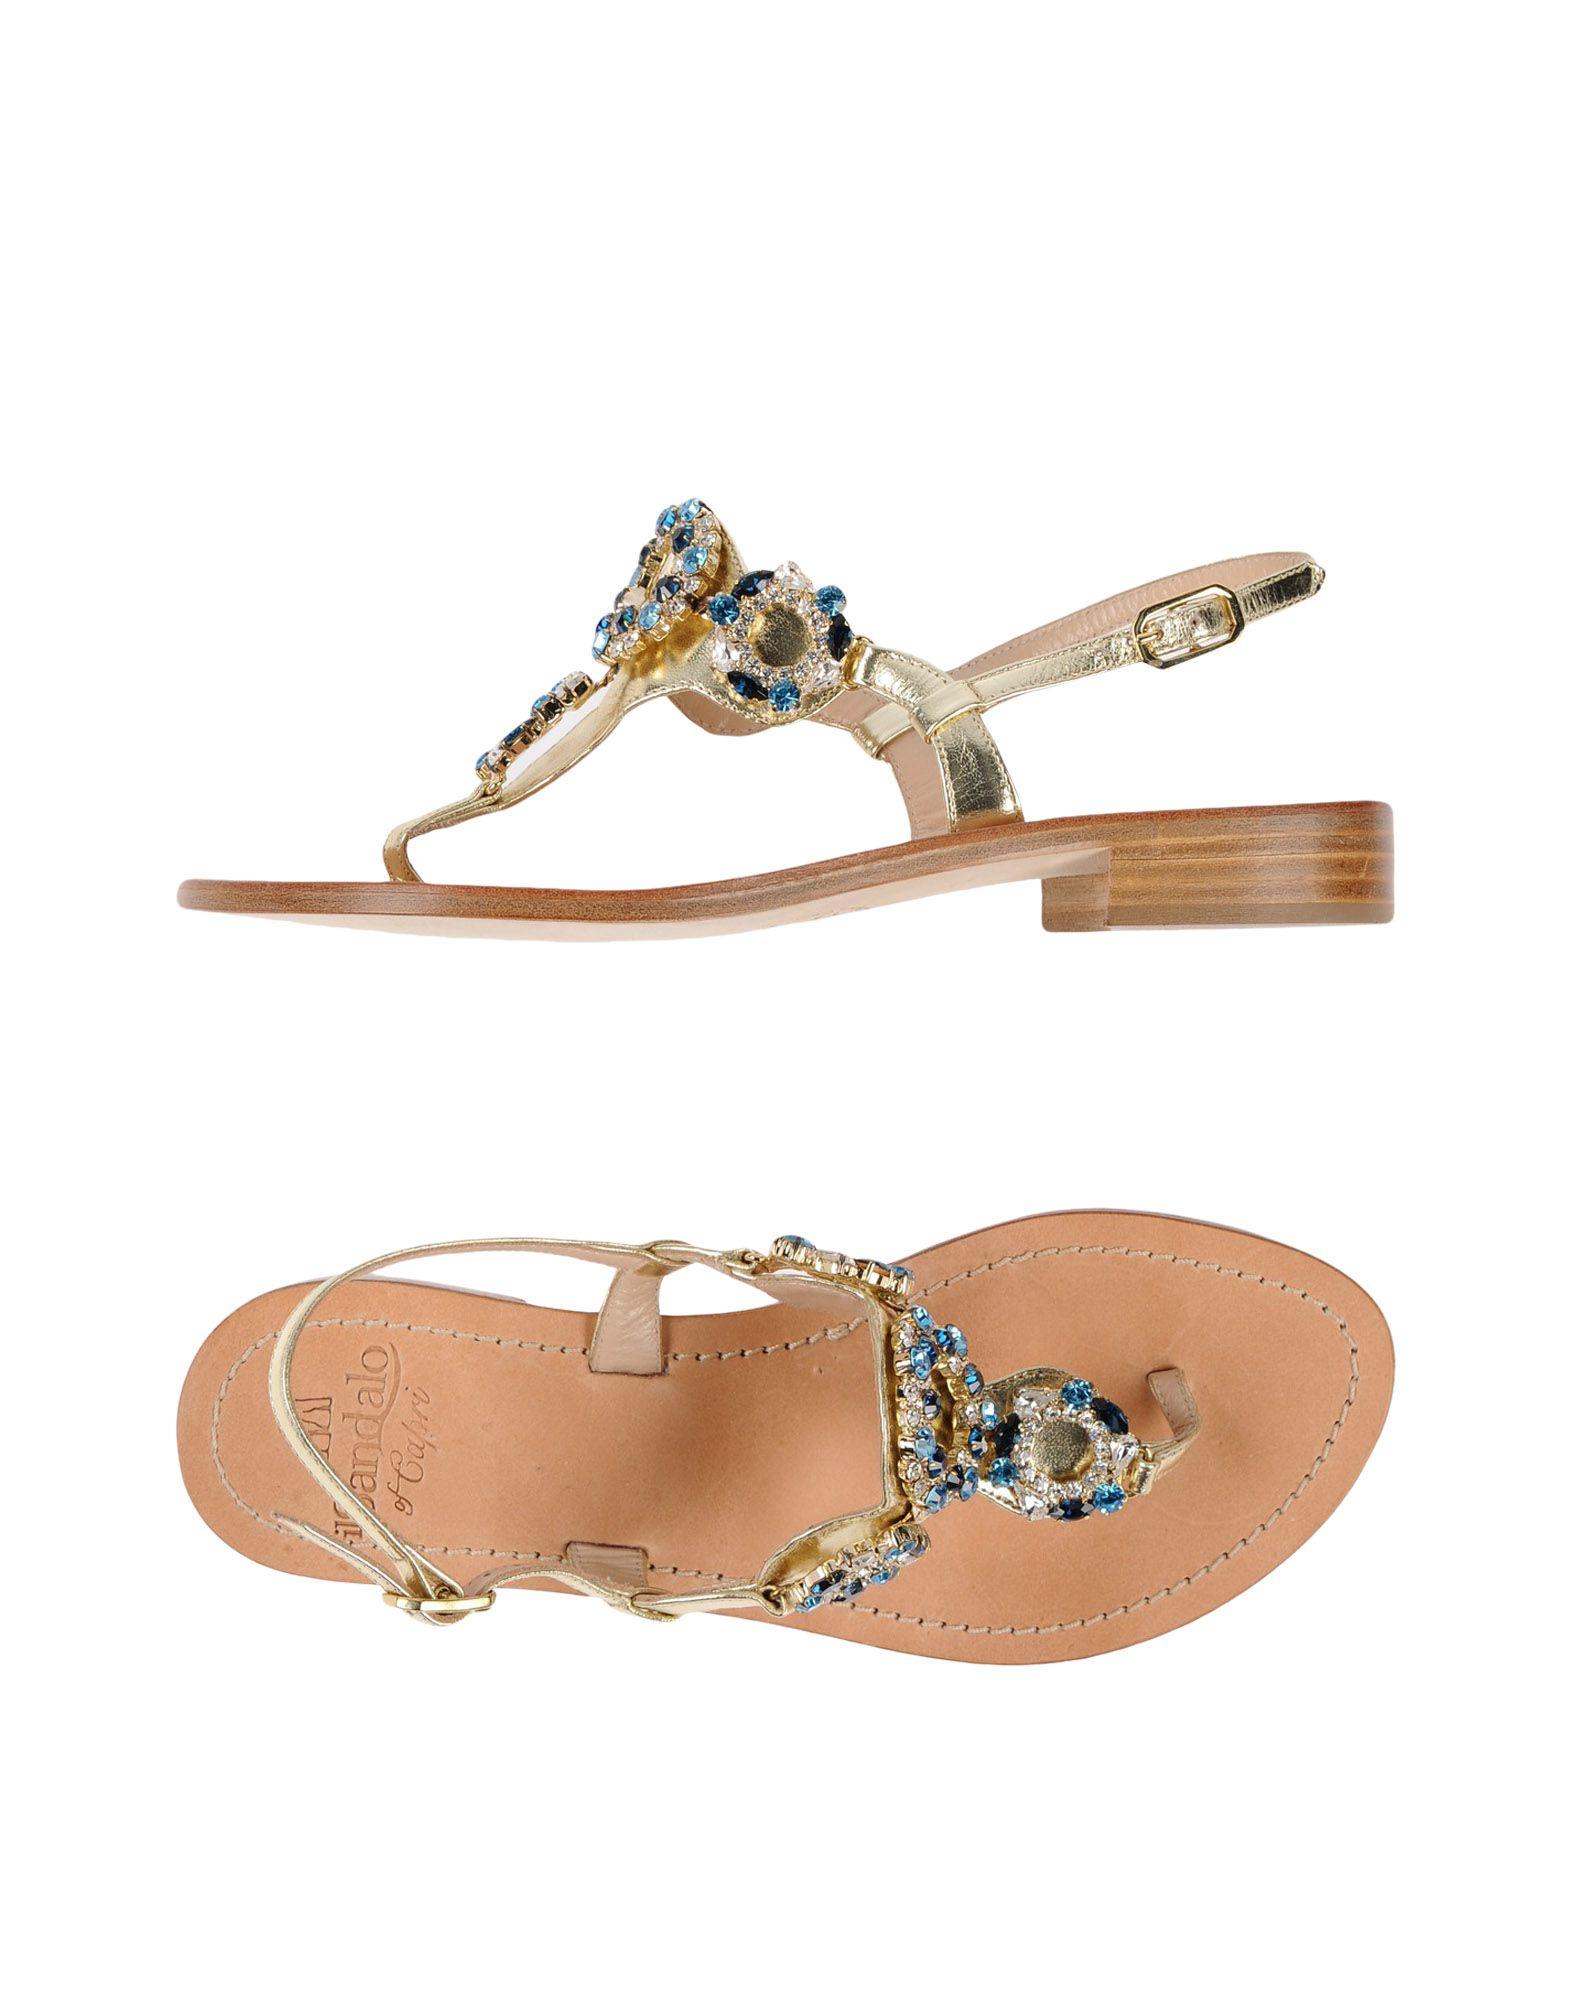 Il Sandalo Di Qualität Capri Dianetten Damen  11452525SA Gute Qualität Di beliebte Schuhe fa16f6